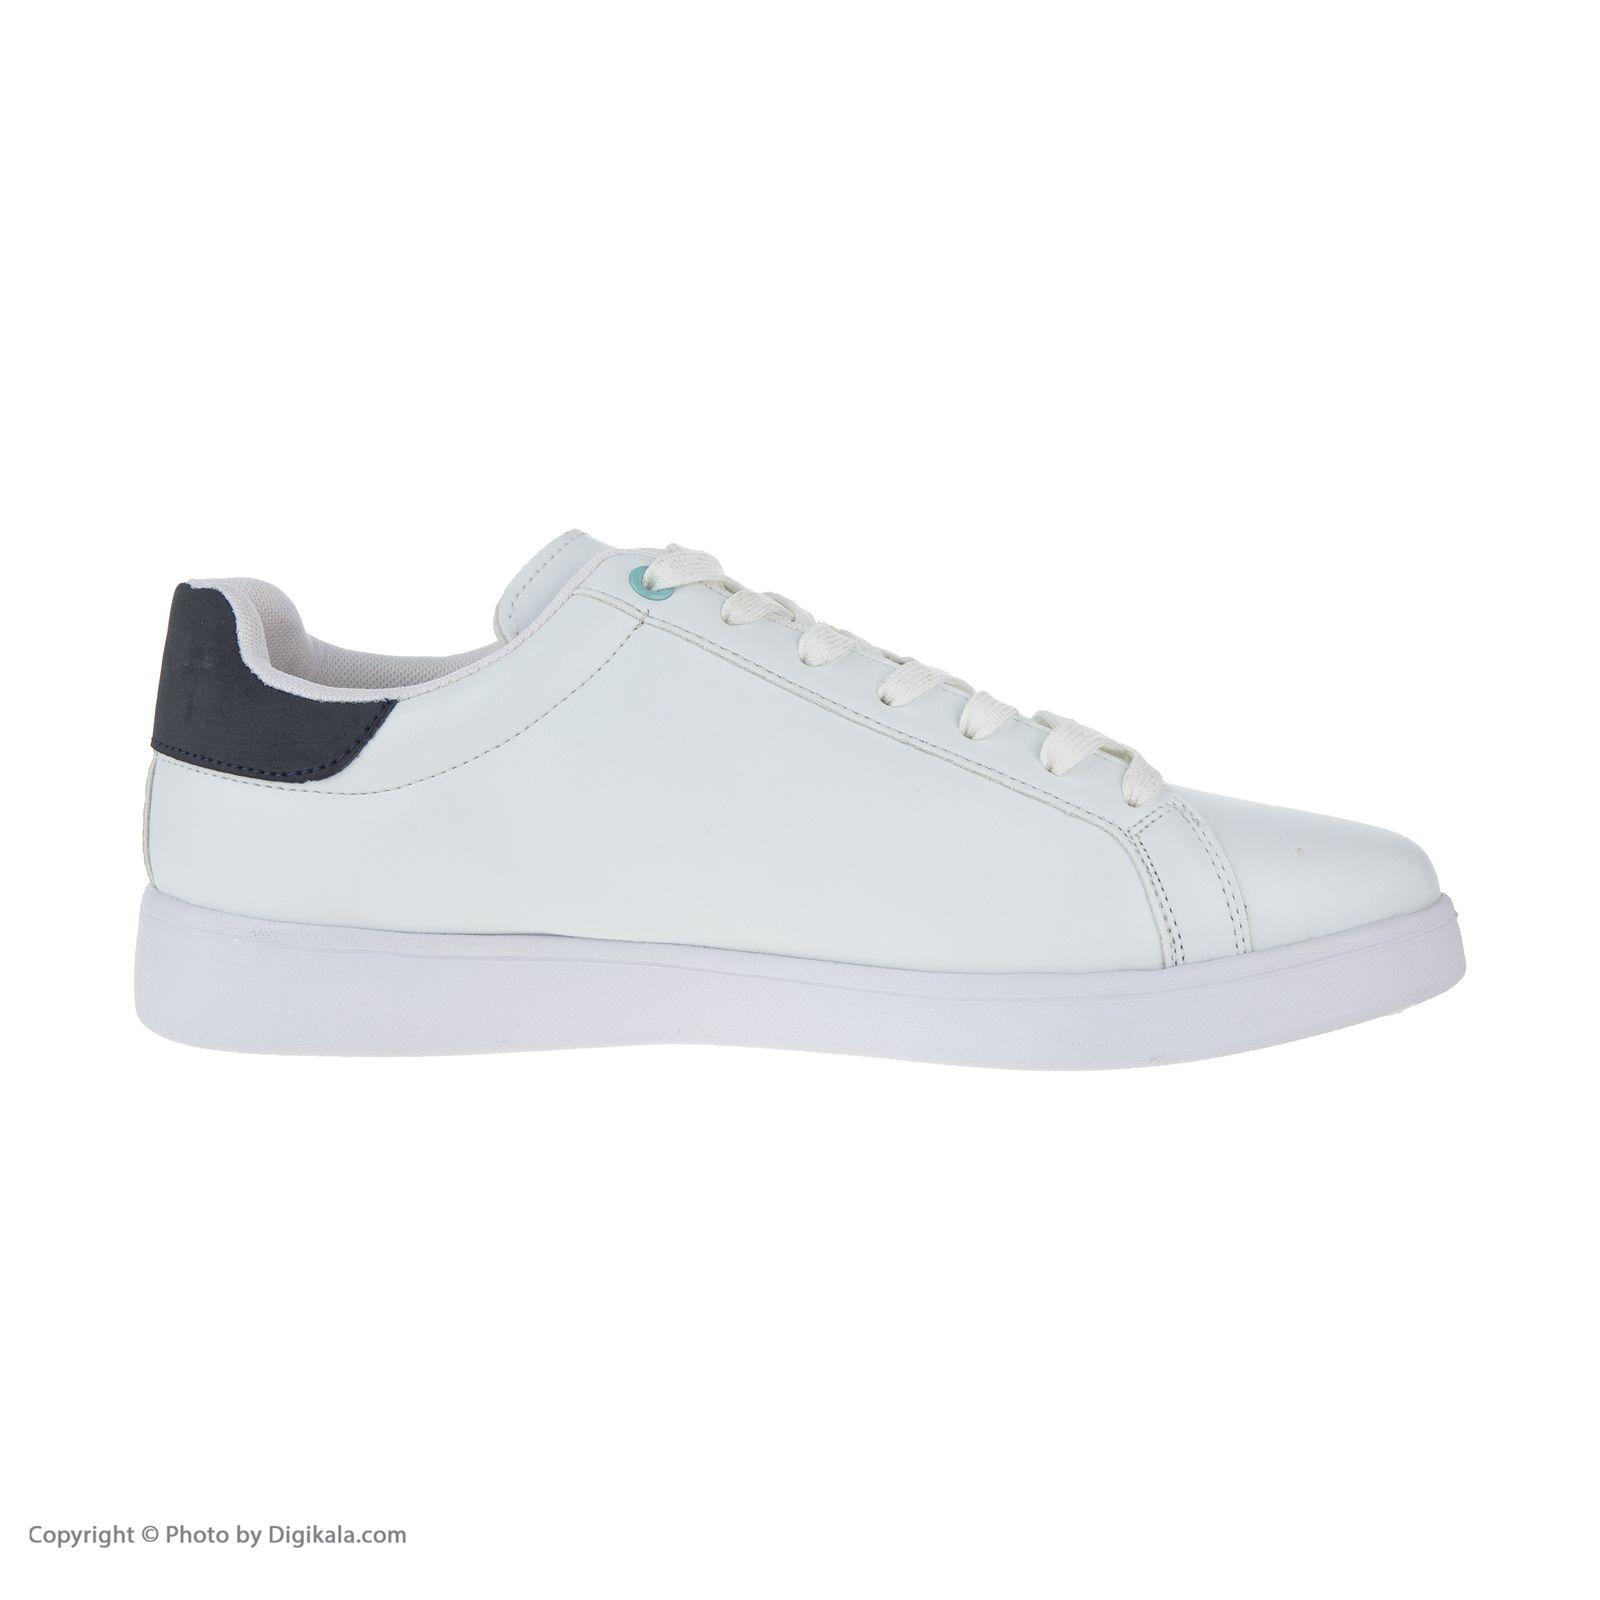 کفش راحتی مردانه آر ان اس مدل 142001-01 -  - 4